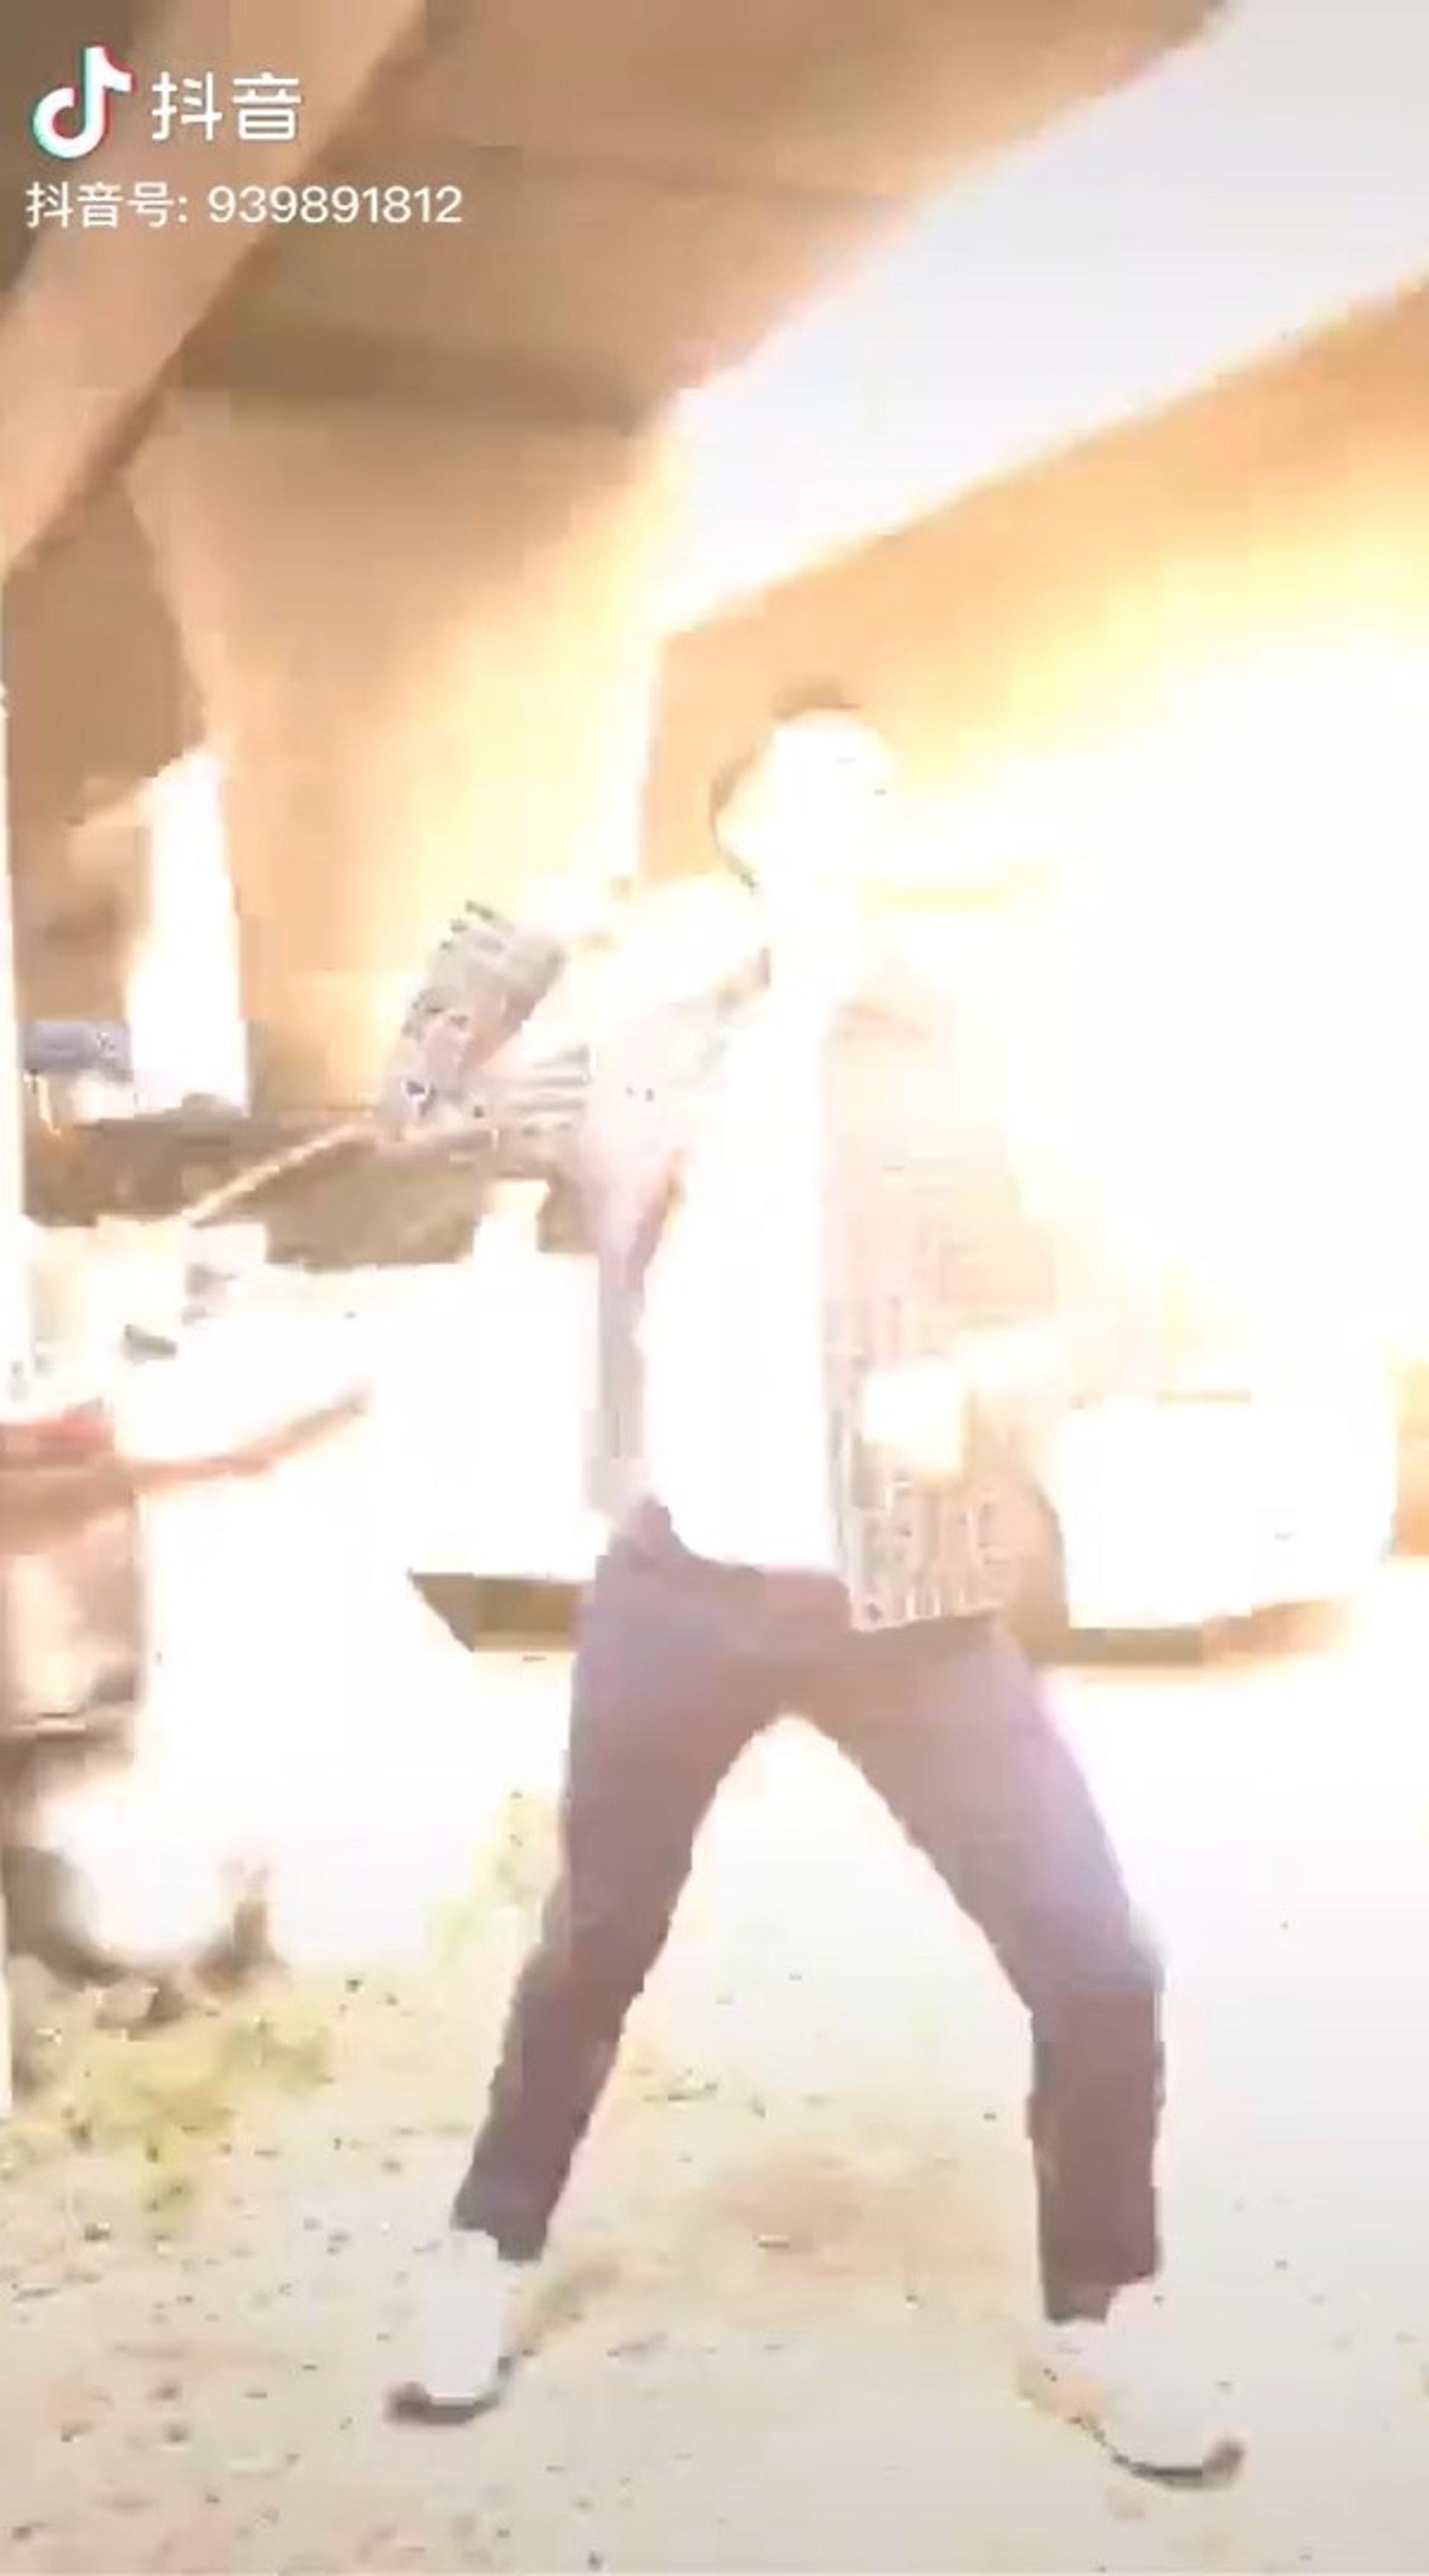 片段中的爆炸效果仍難掩濃濃的MK味道。(梁競徽抖音)